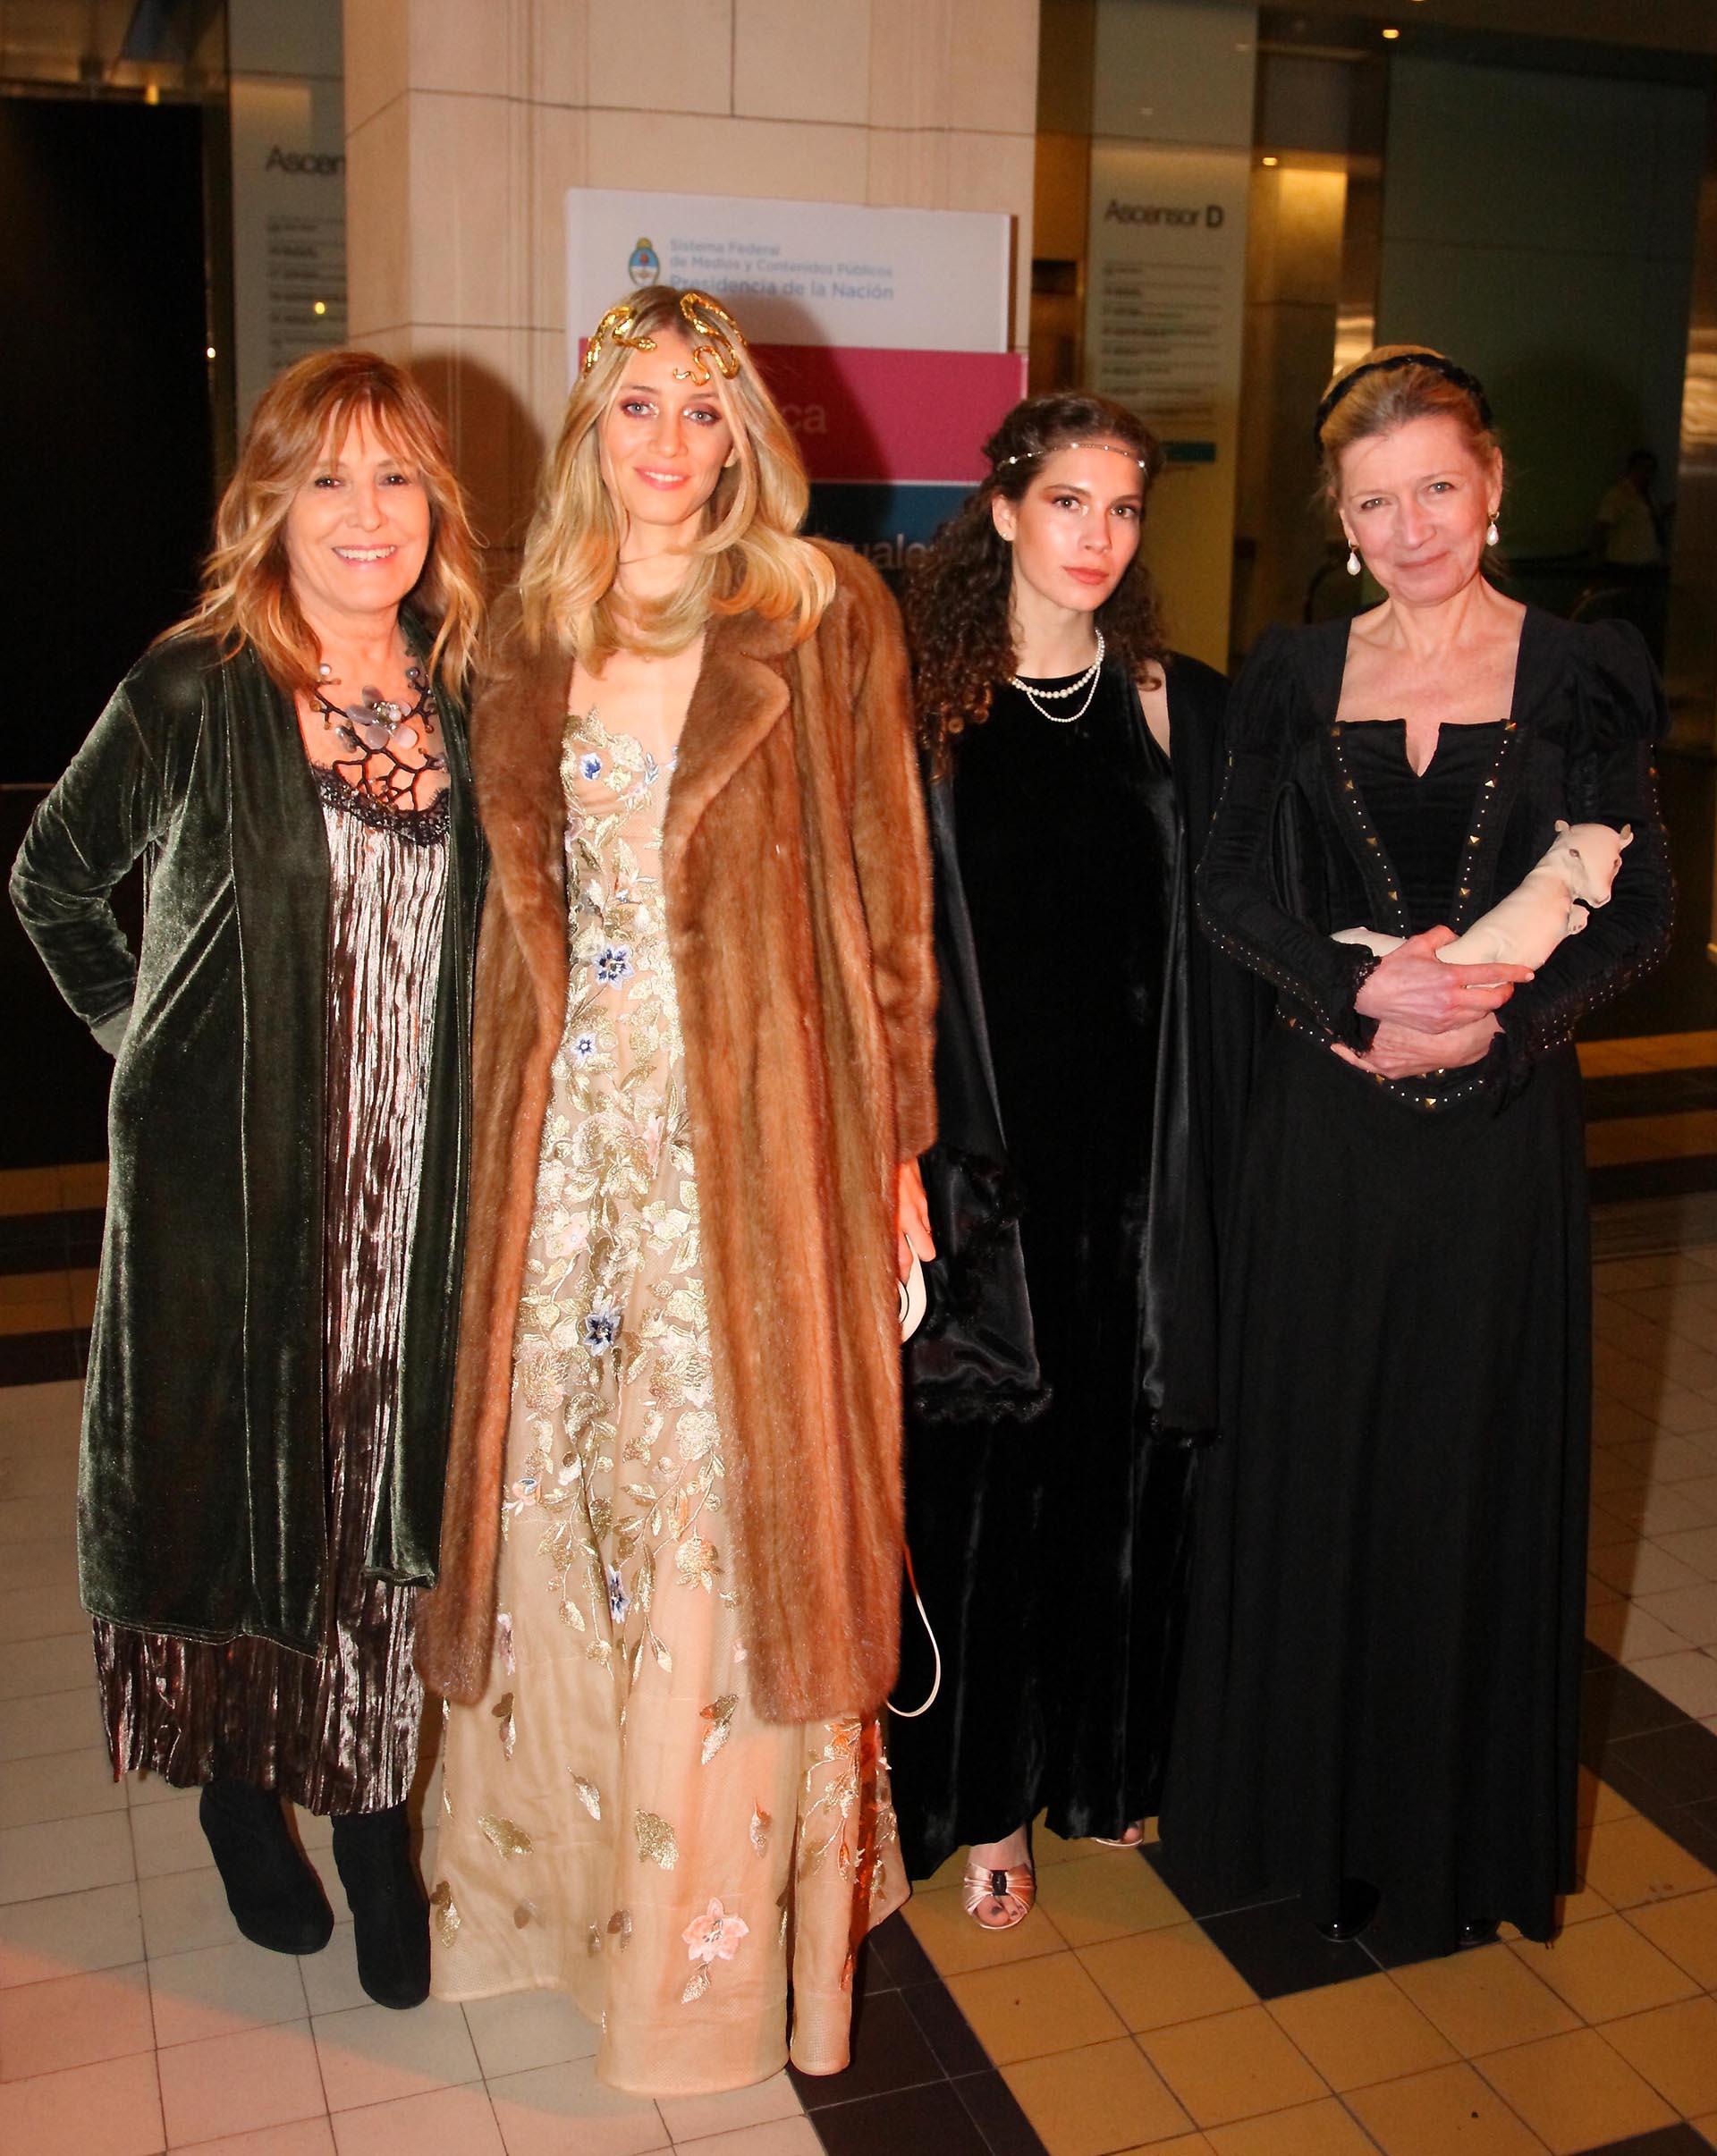 Ana Bustamante, Sophia Blaquier, Sofía Speroni y Fiona White